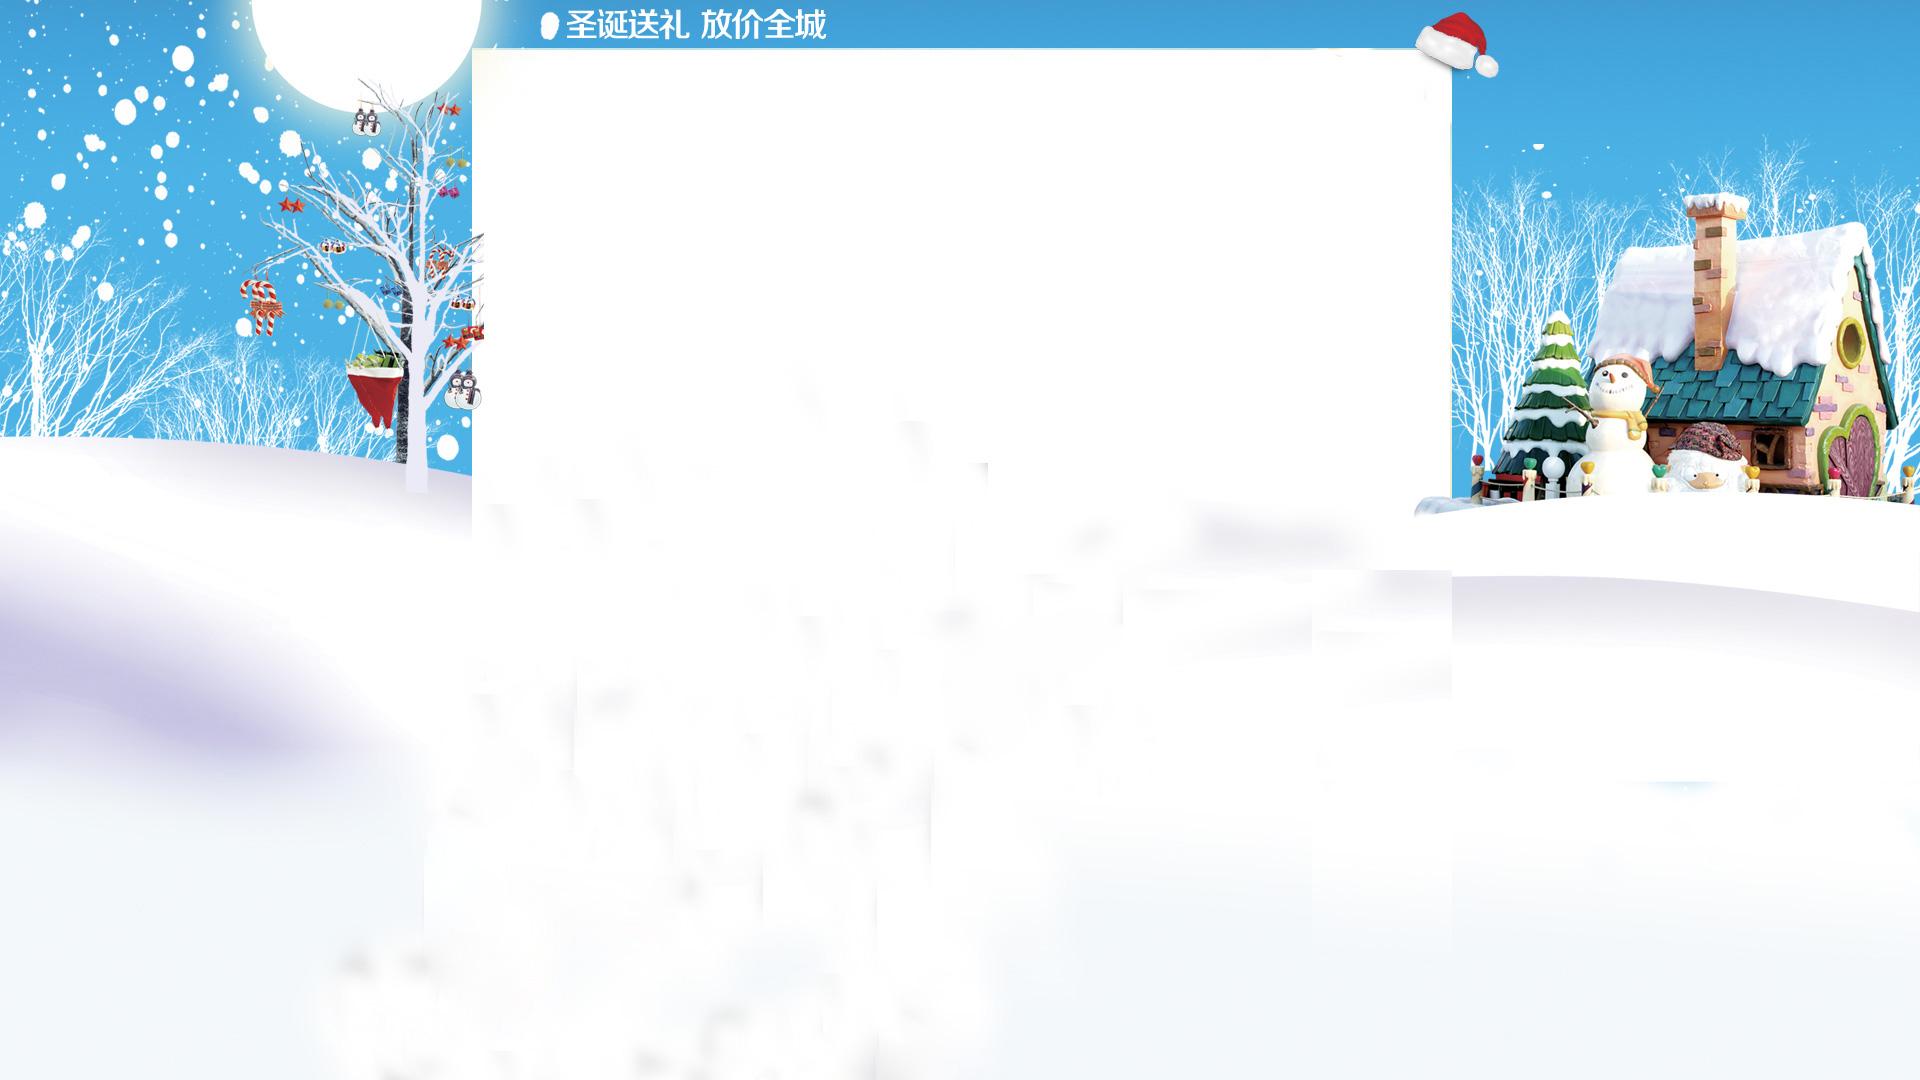 2013圣诞节网站背景|网页|其他网页|马早上 - 原创图片